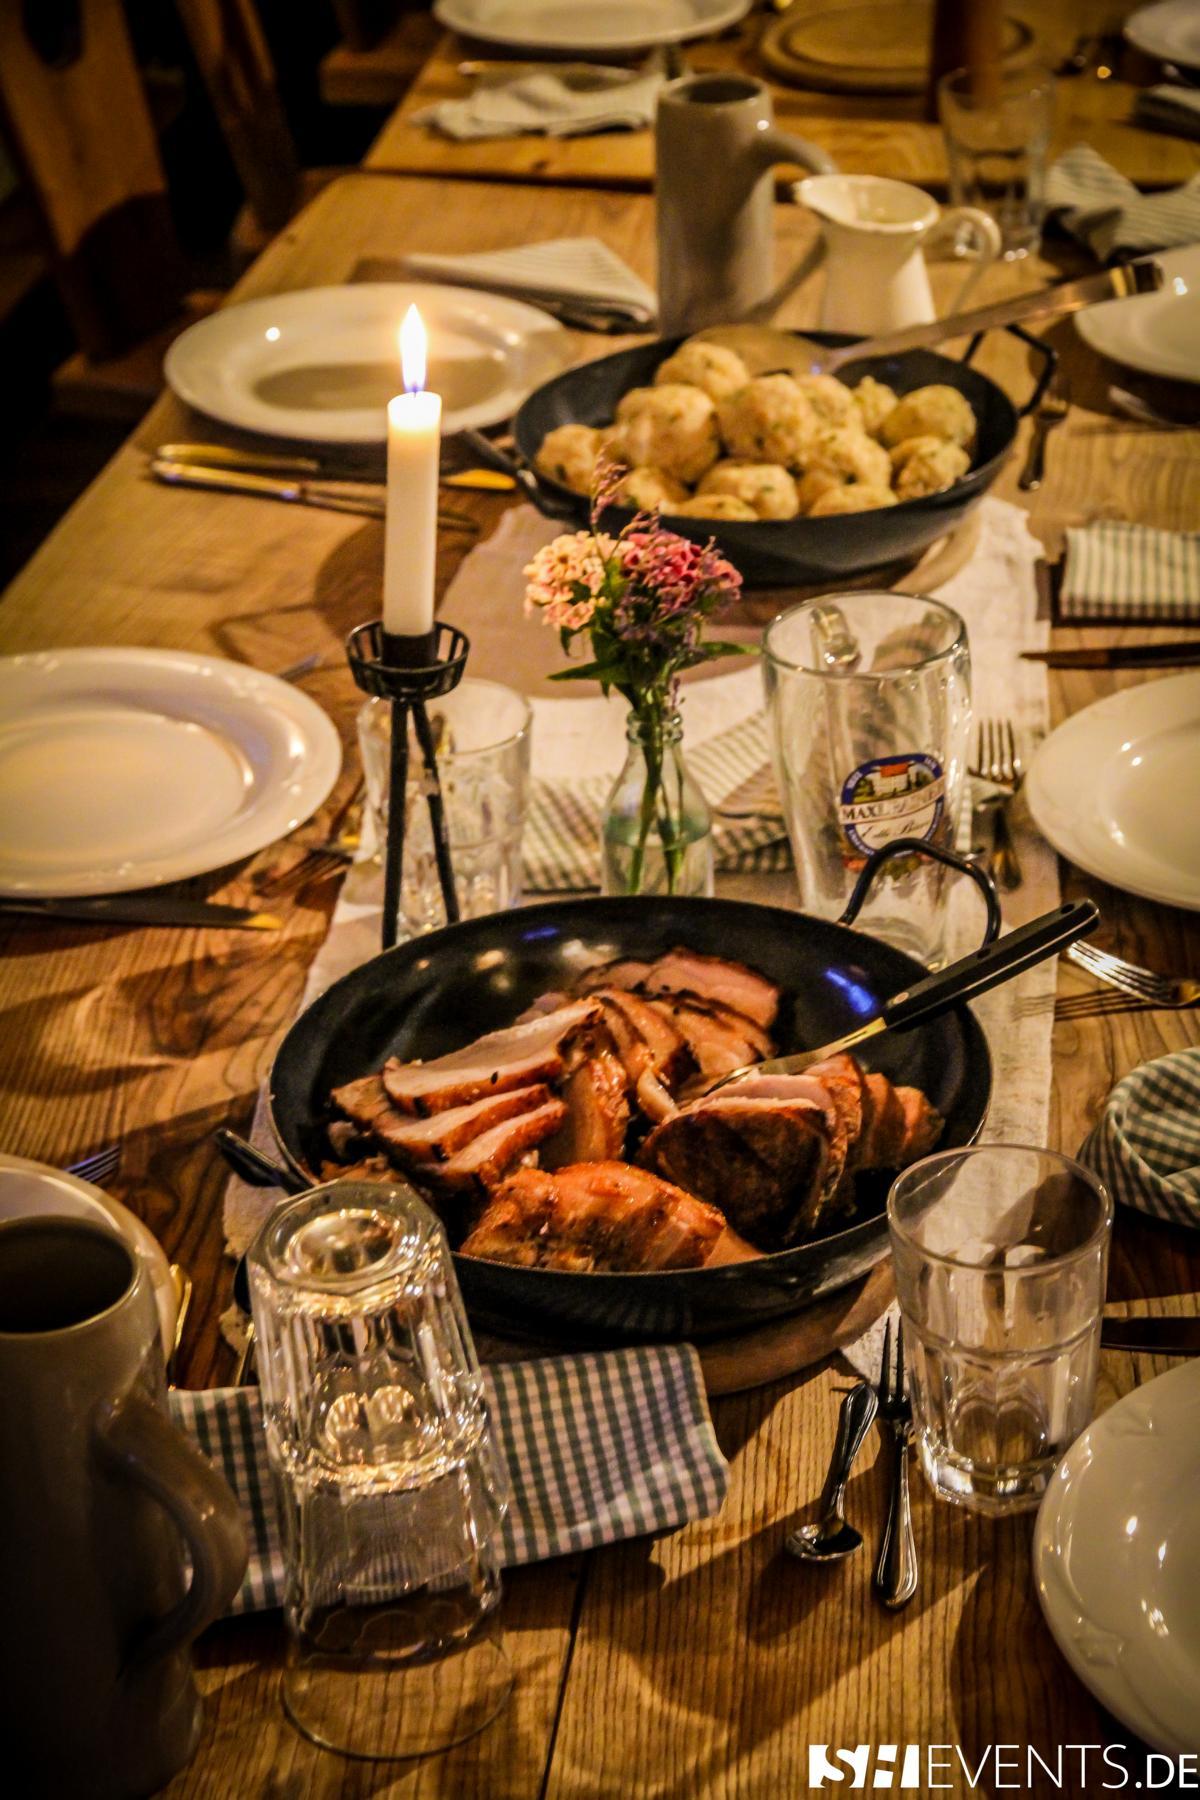 Tisch mit Speisen im Berg- und Bauernhaus